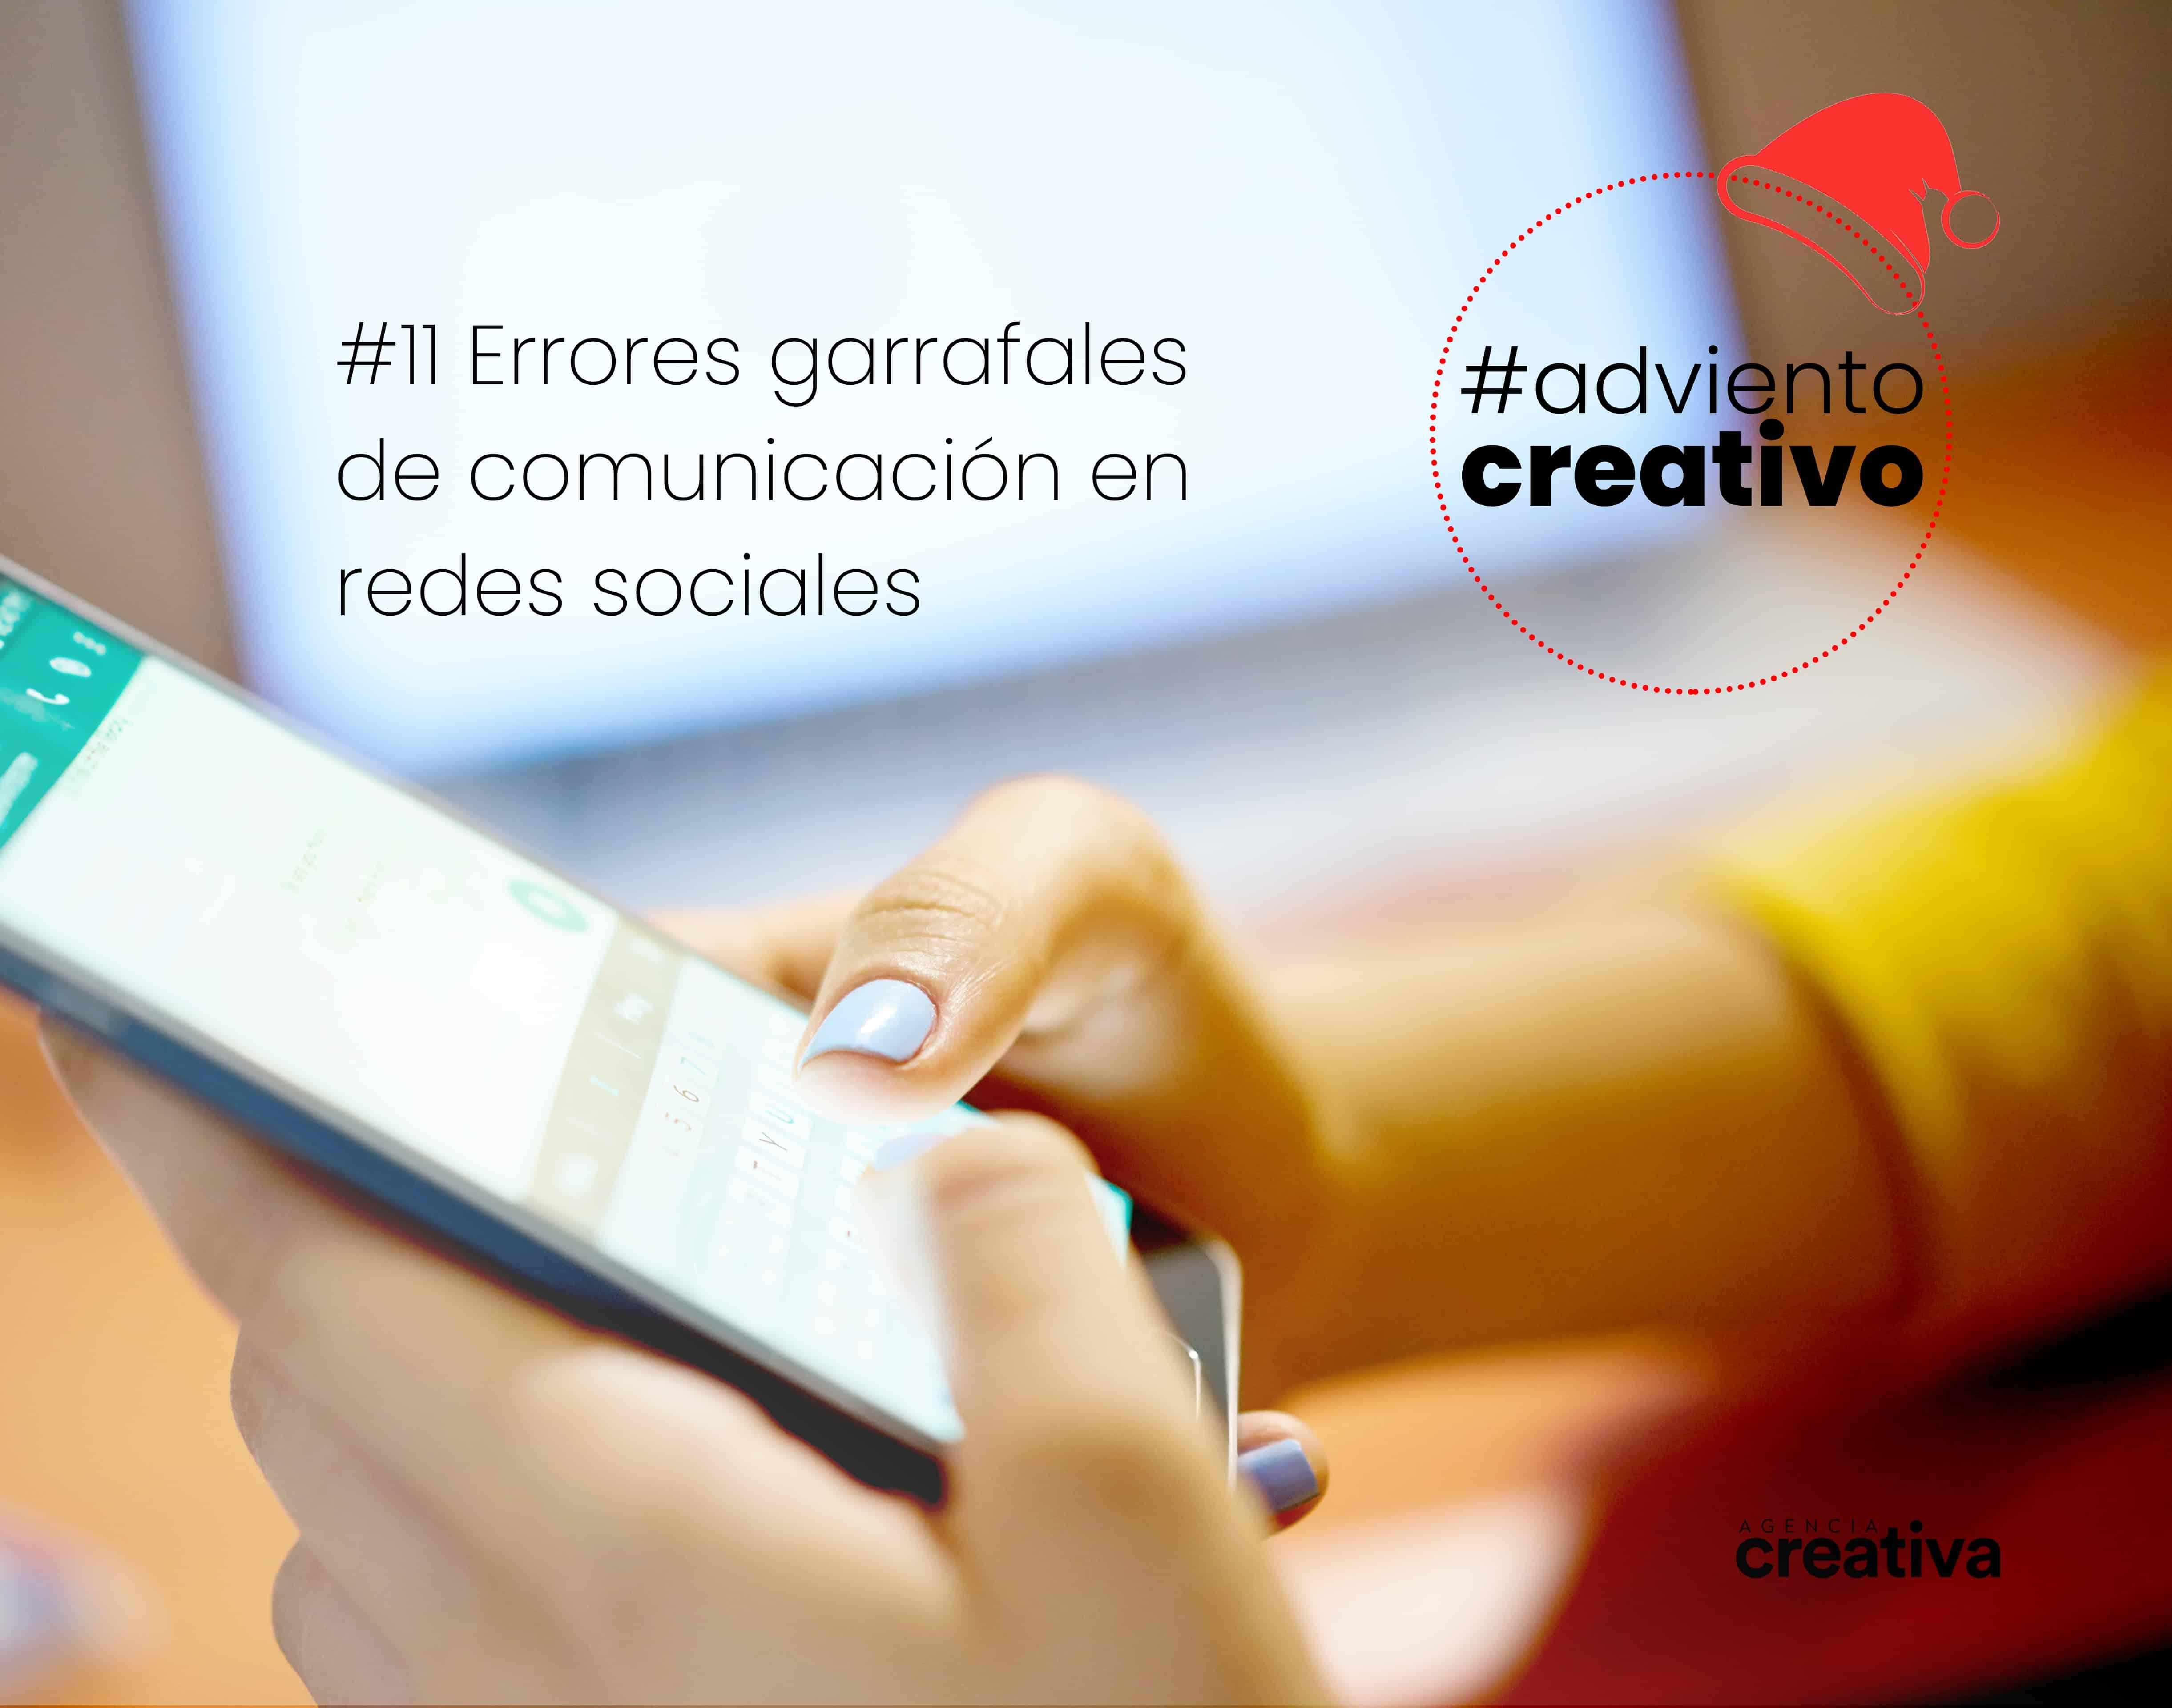 Adviento Creativo 2019: 24 tips de comunicación 5